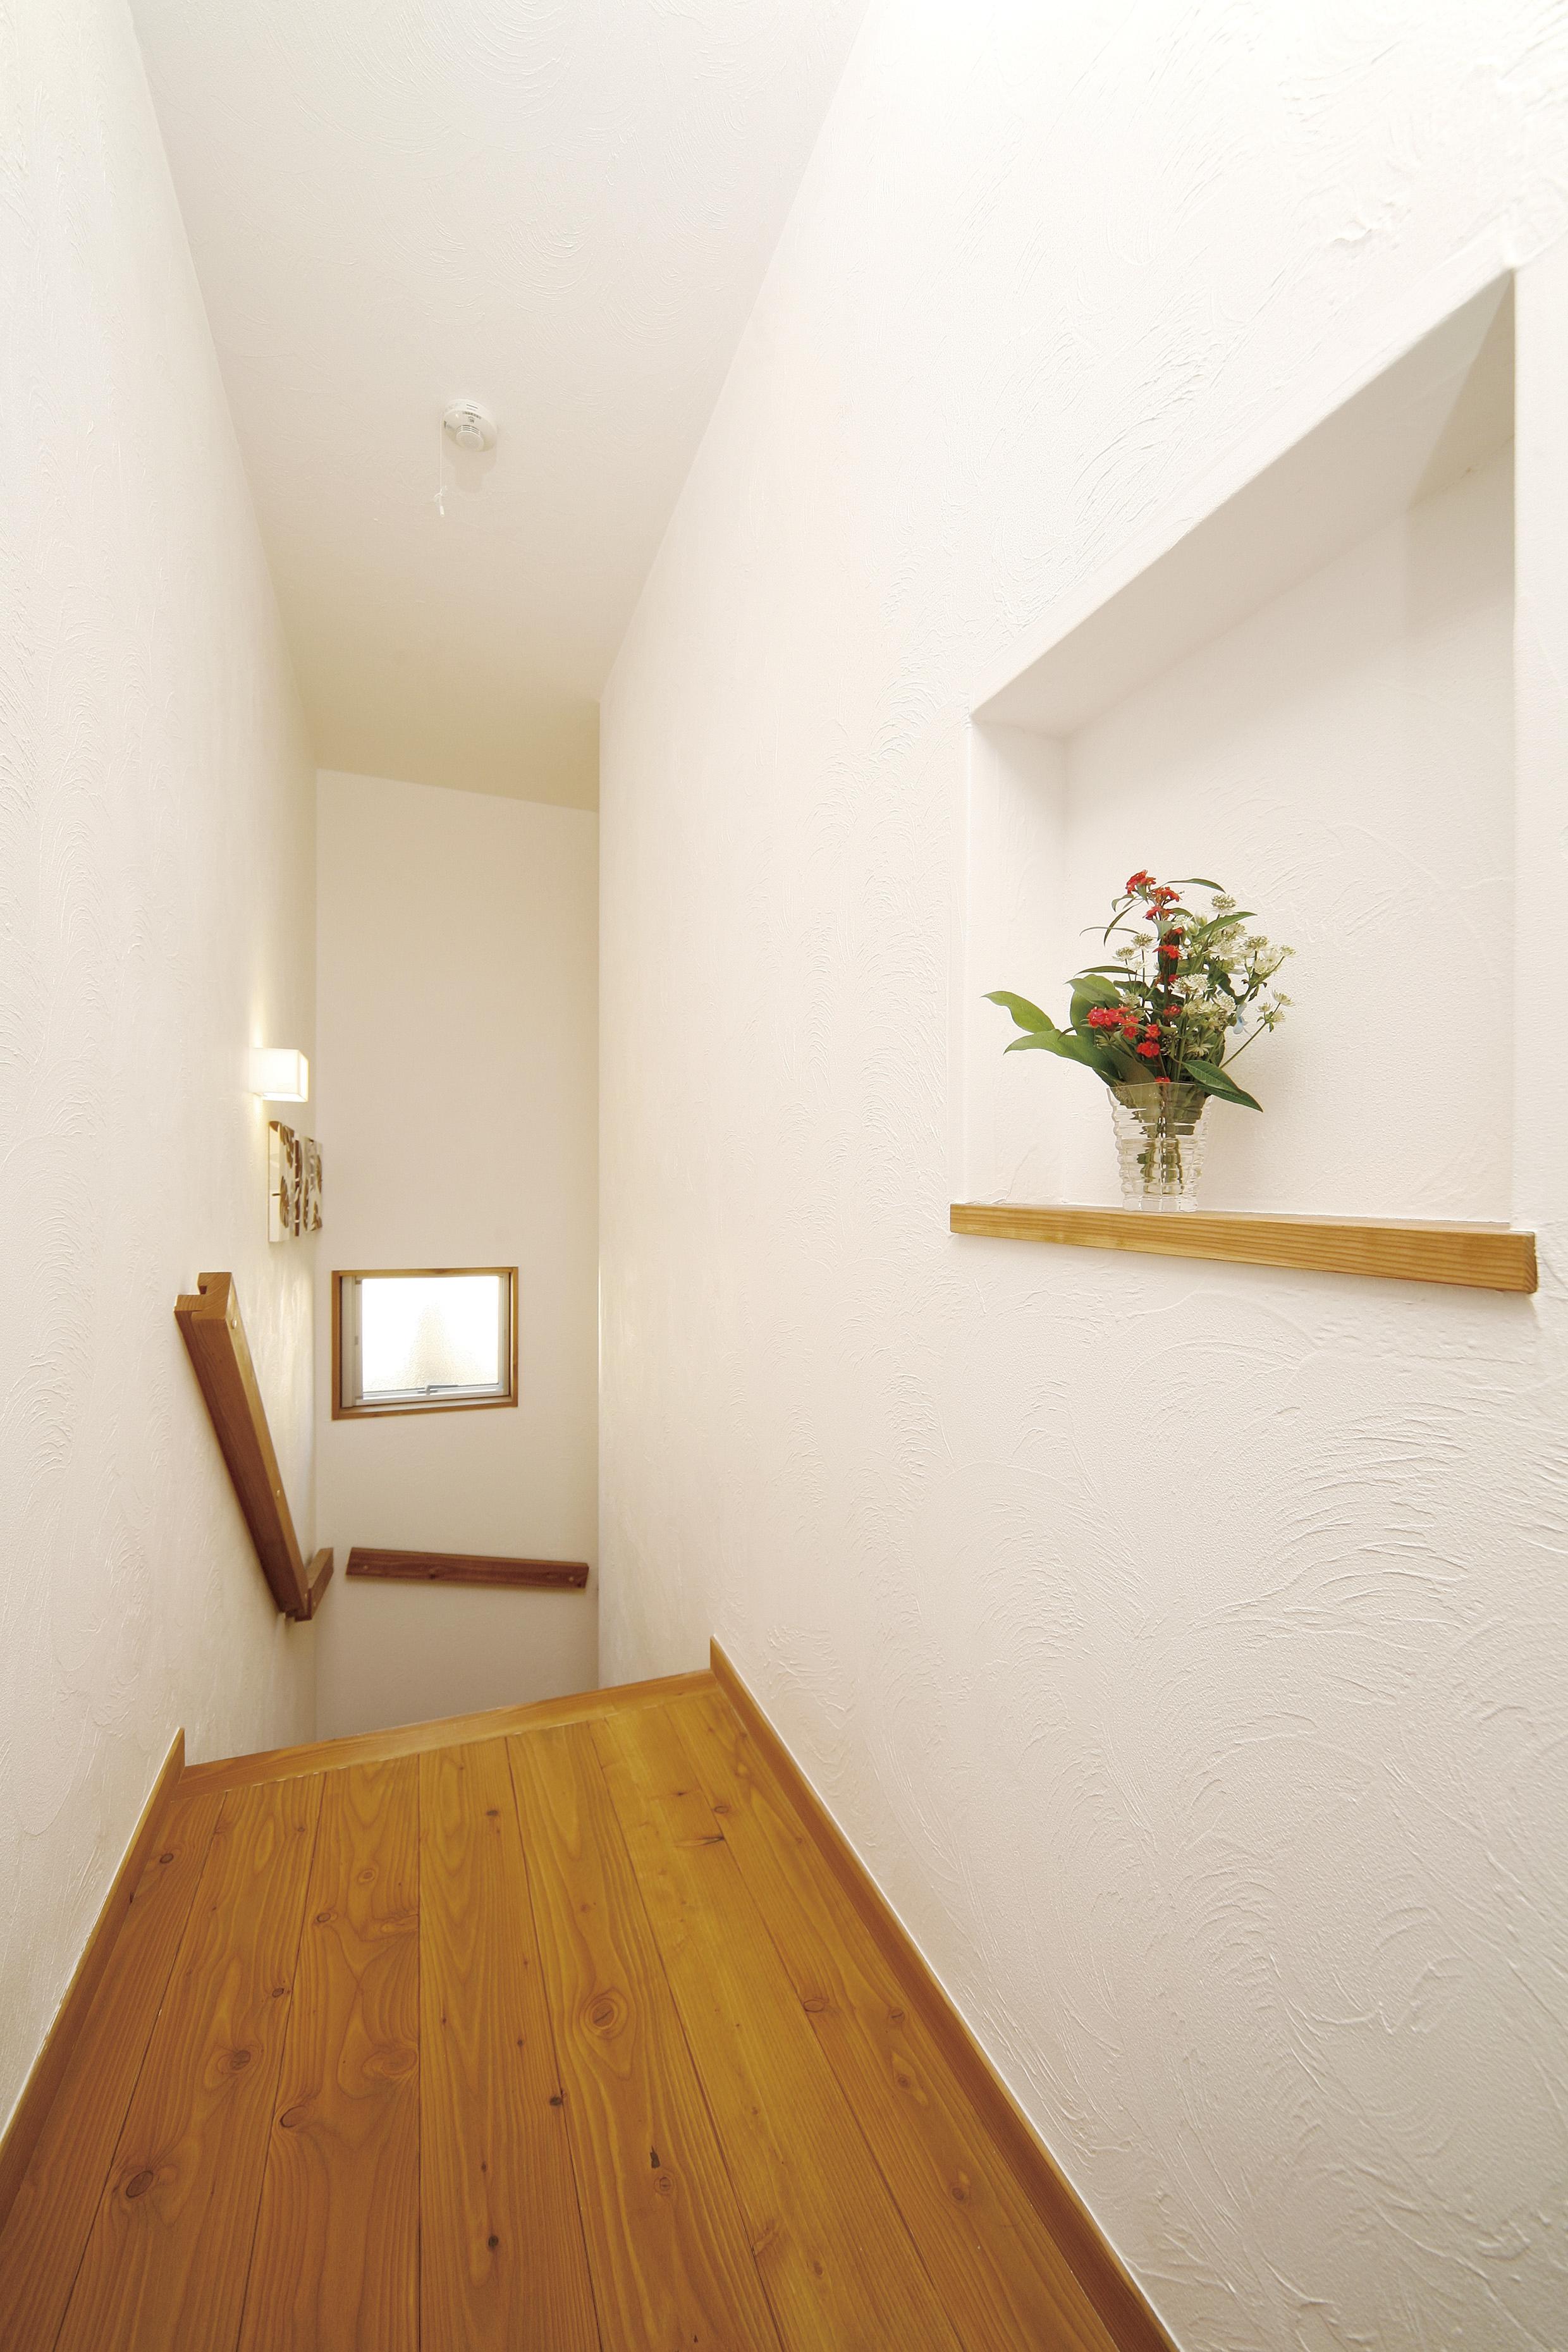 2Fの廊下には飾り棚も